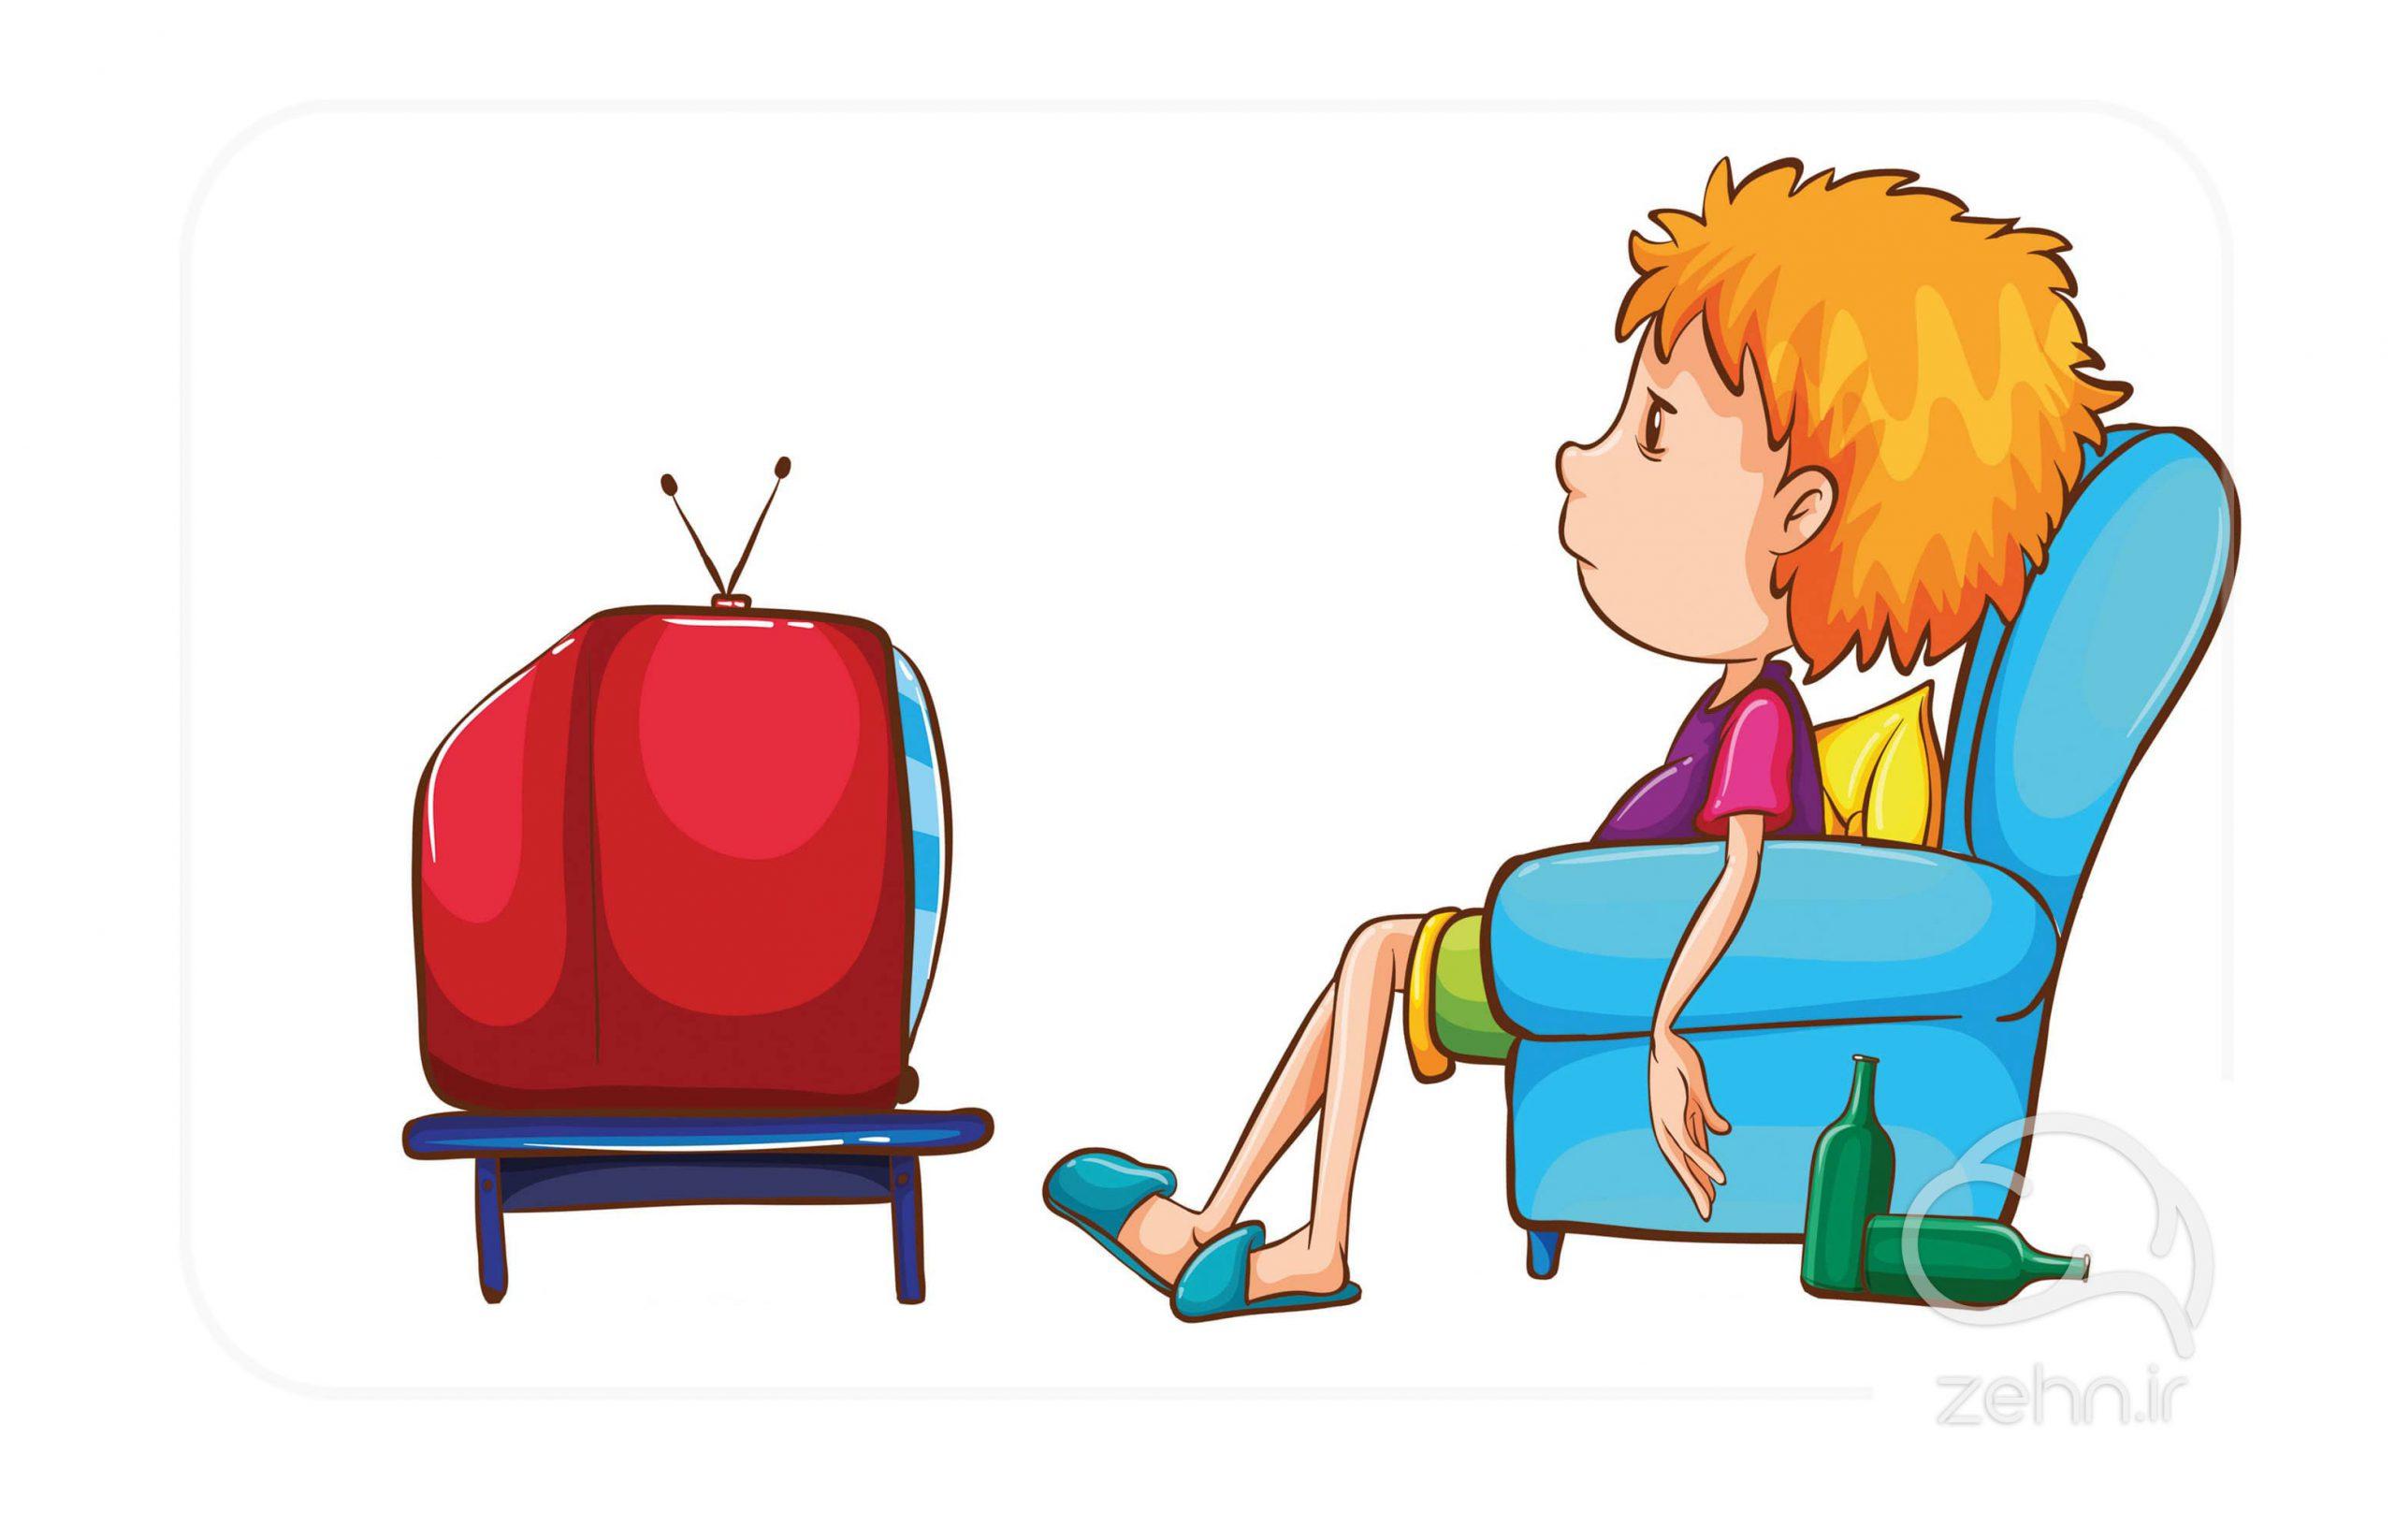 راهکار غلبه بر تنبلی در کودکان